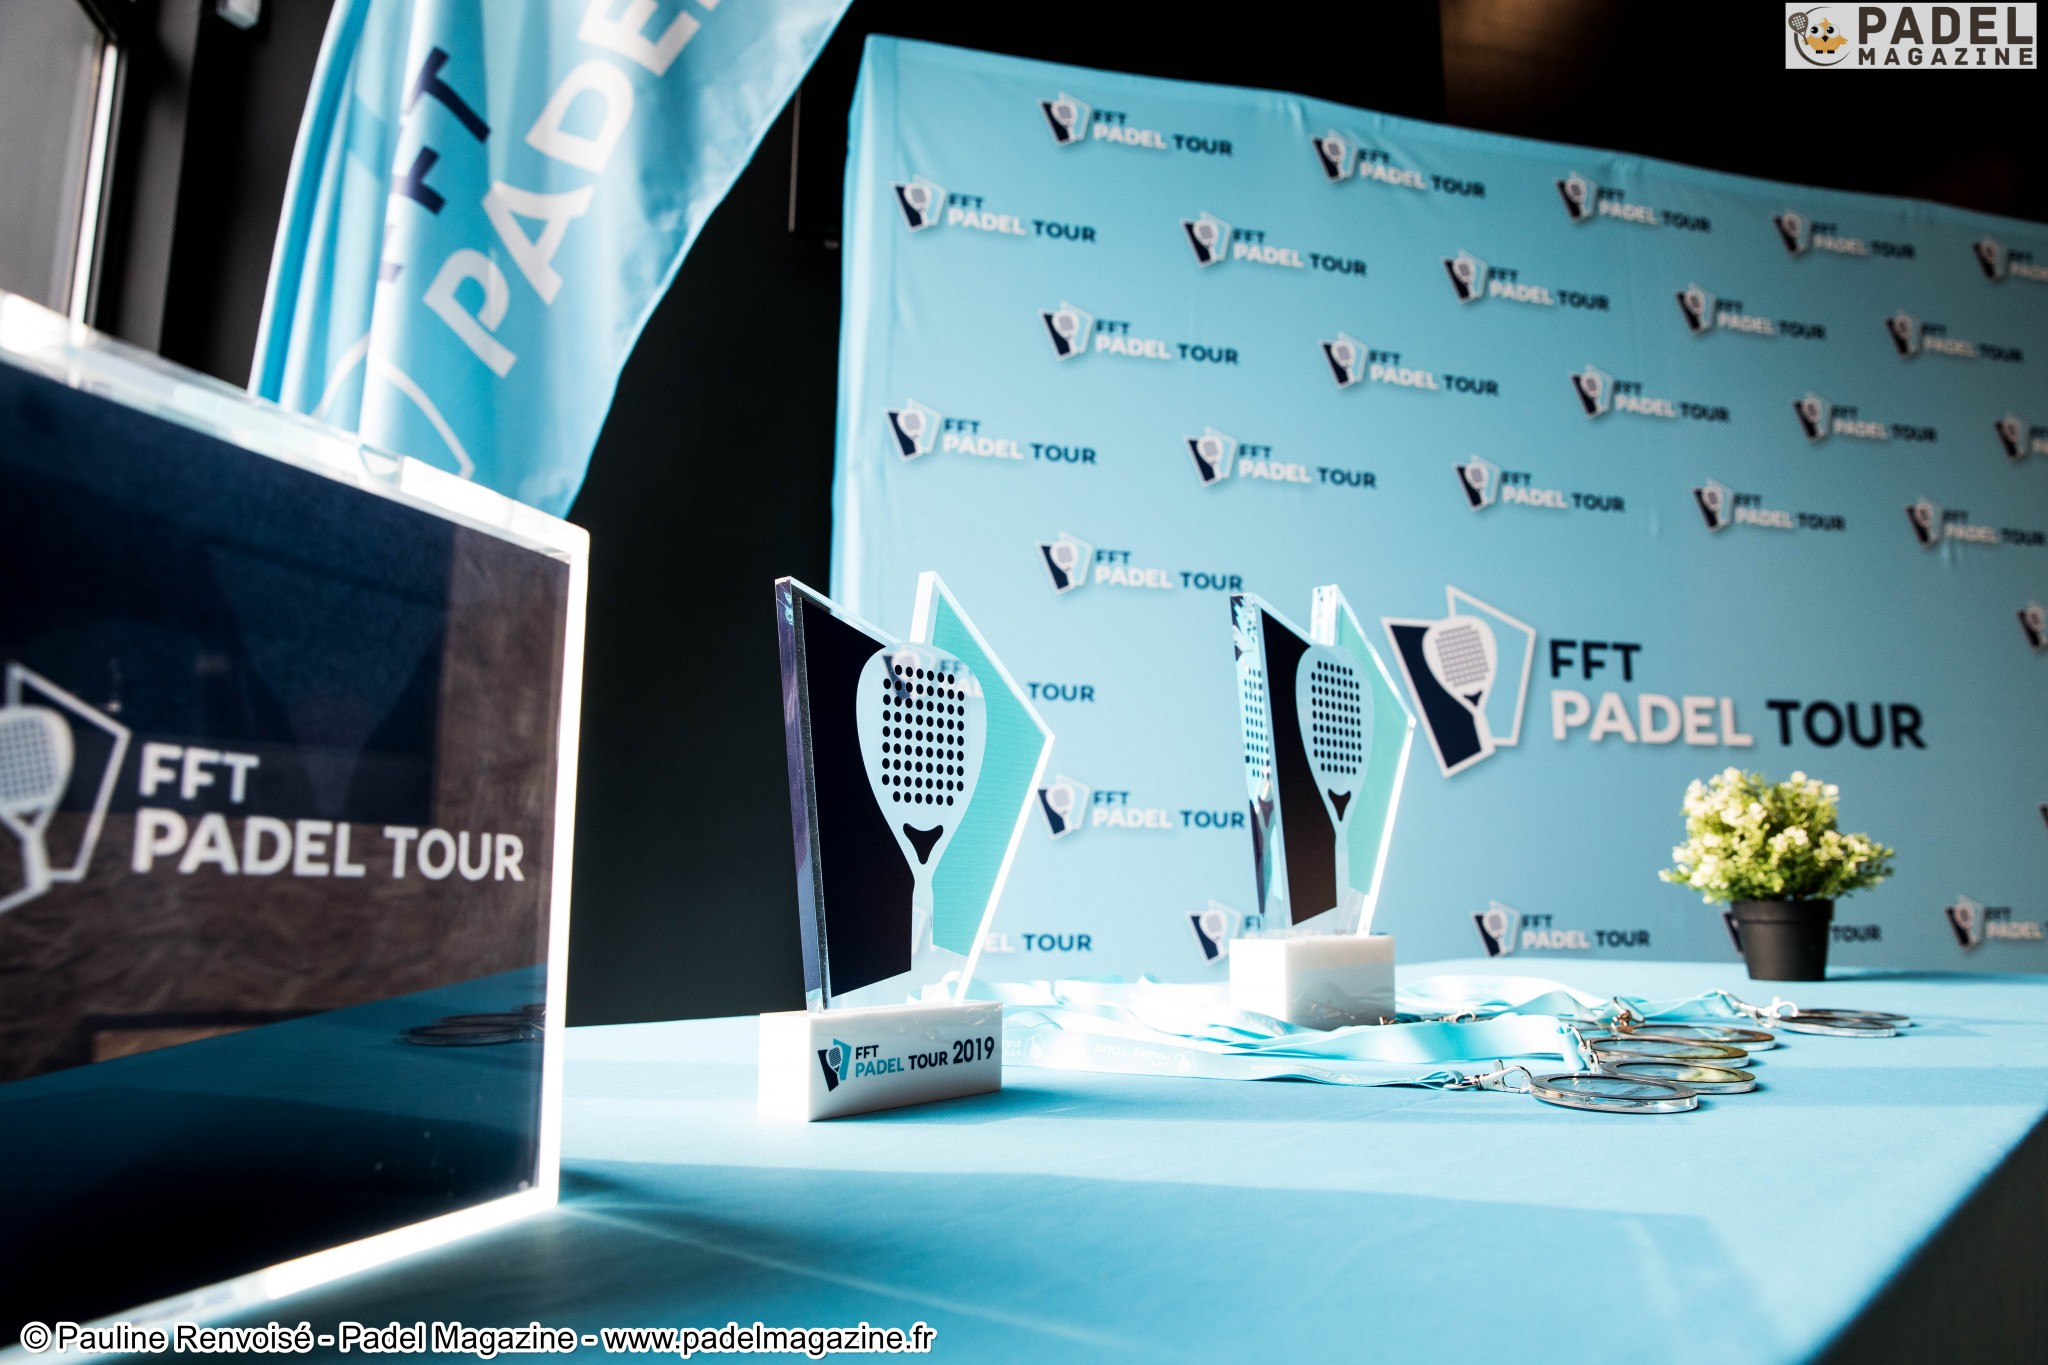 I punti più belli della FFT Padel Torre di Valenciennes